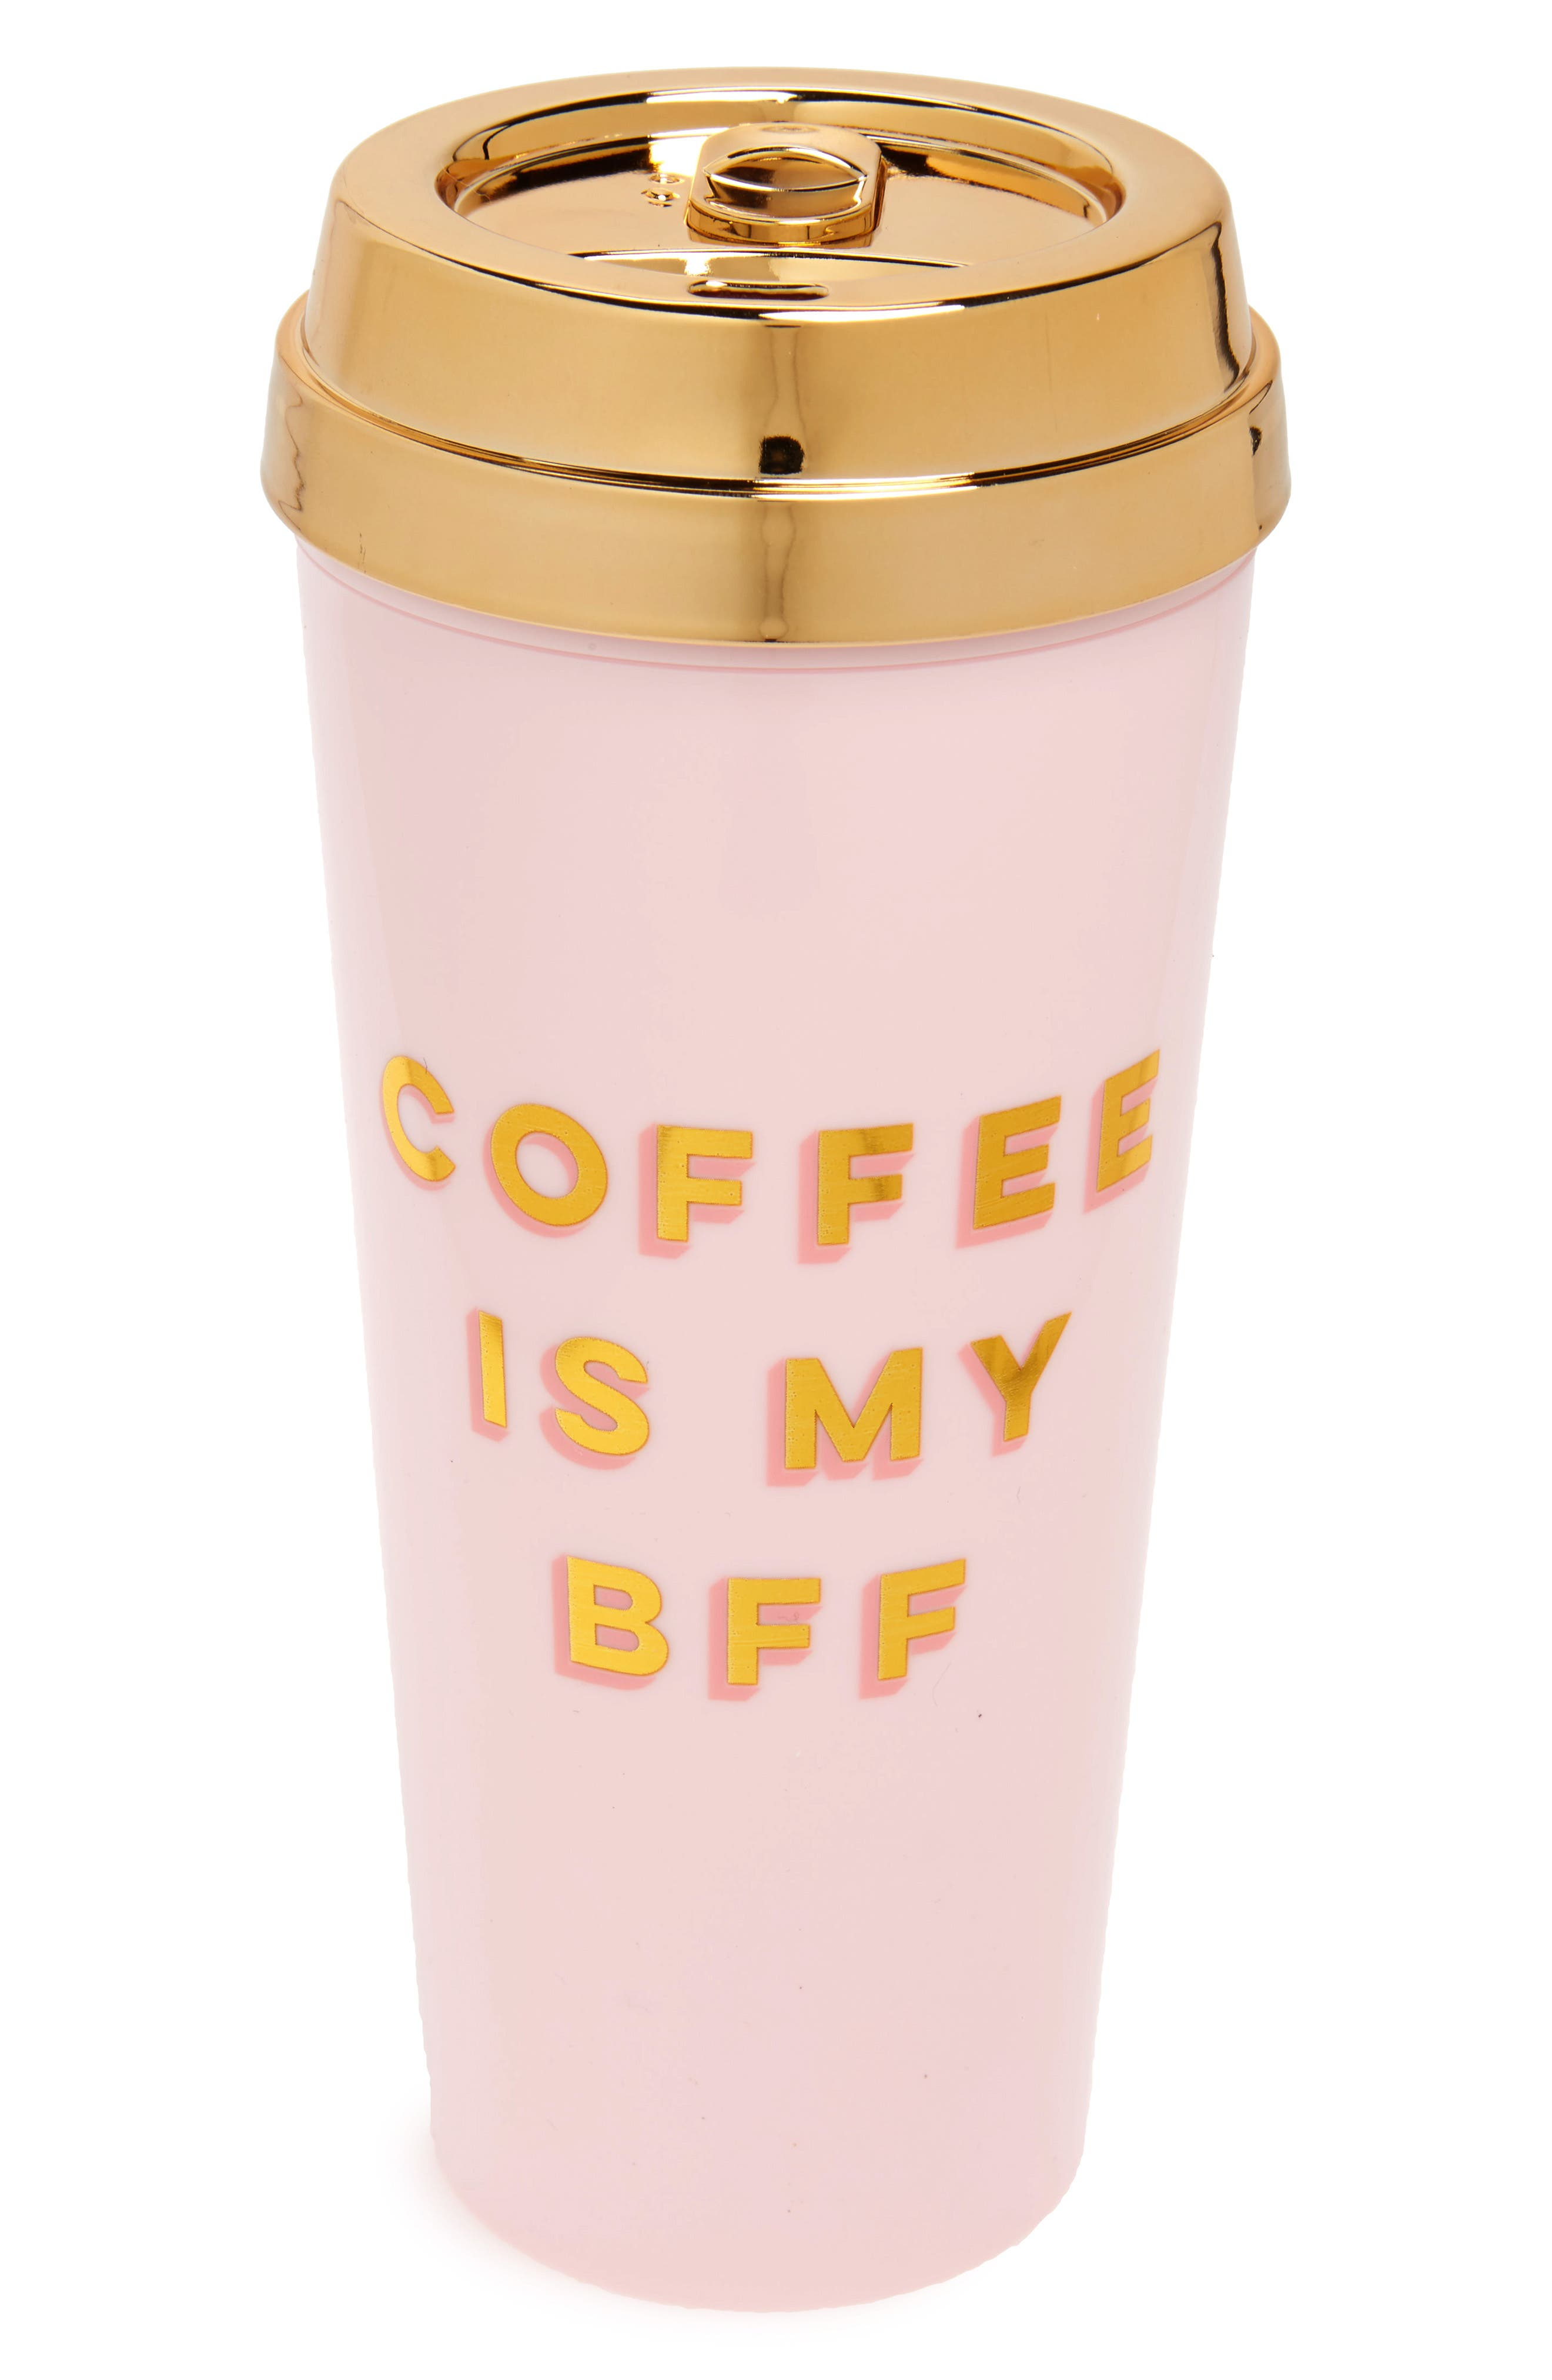 Main Image - ban.do BFF Deluxe Thermal Travel Mug